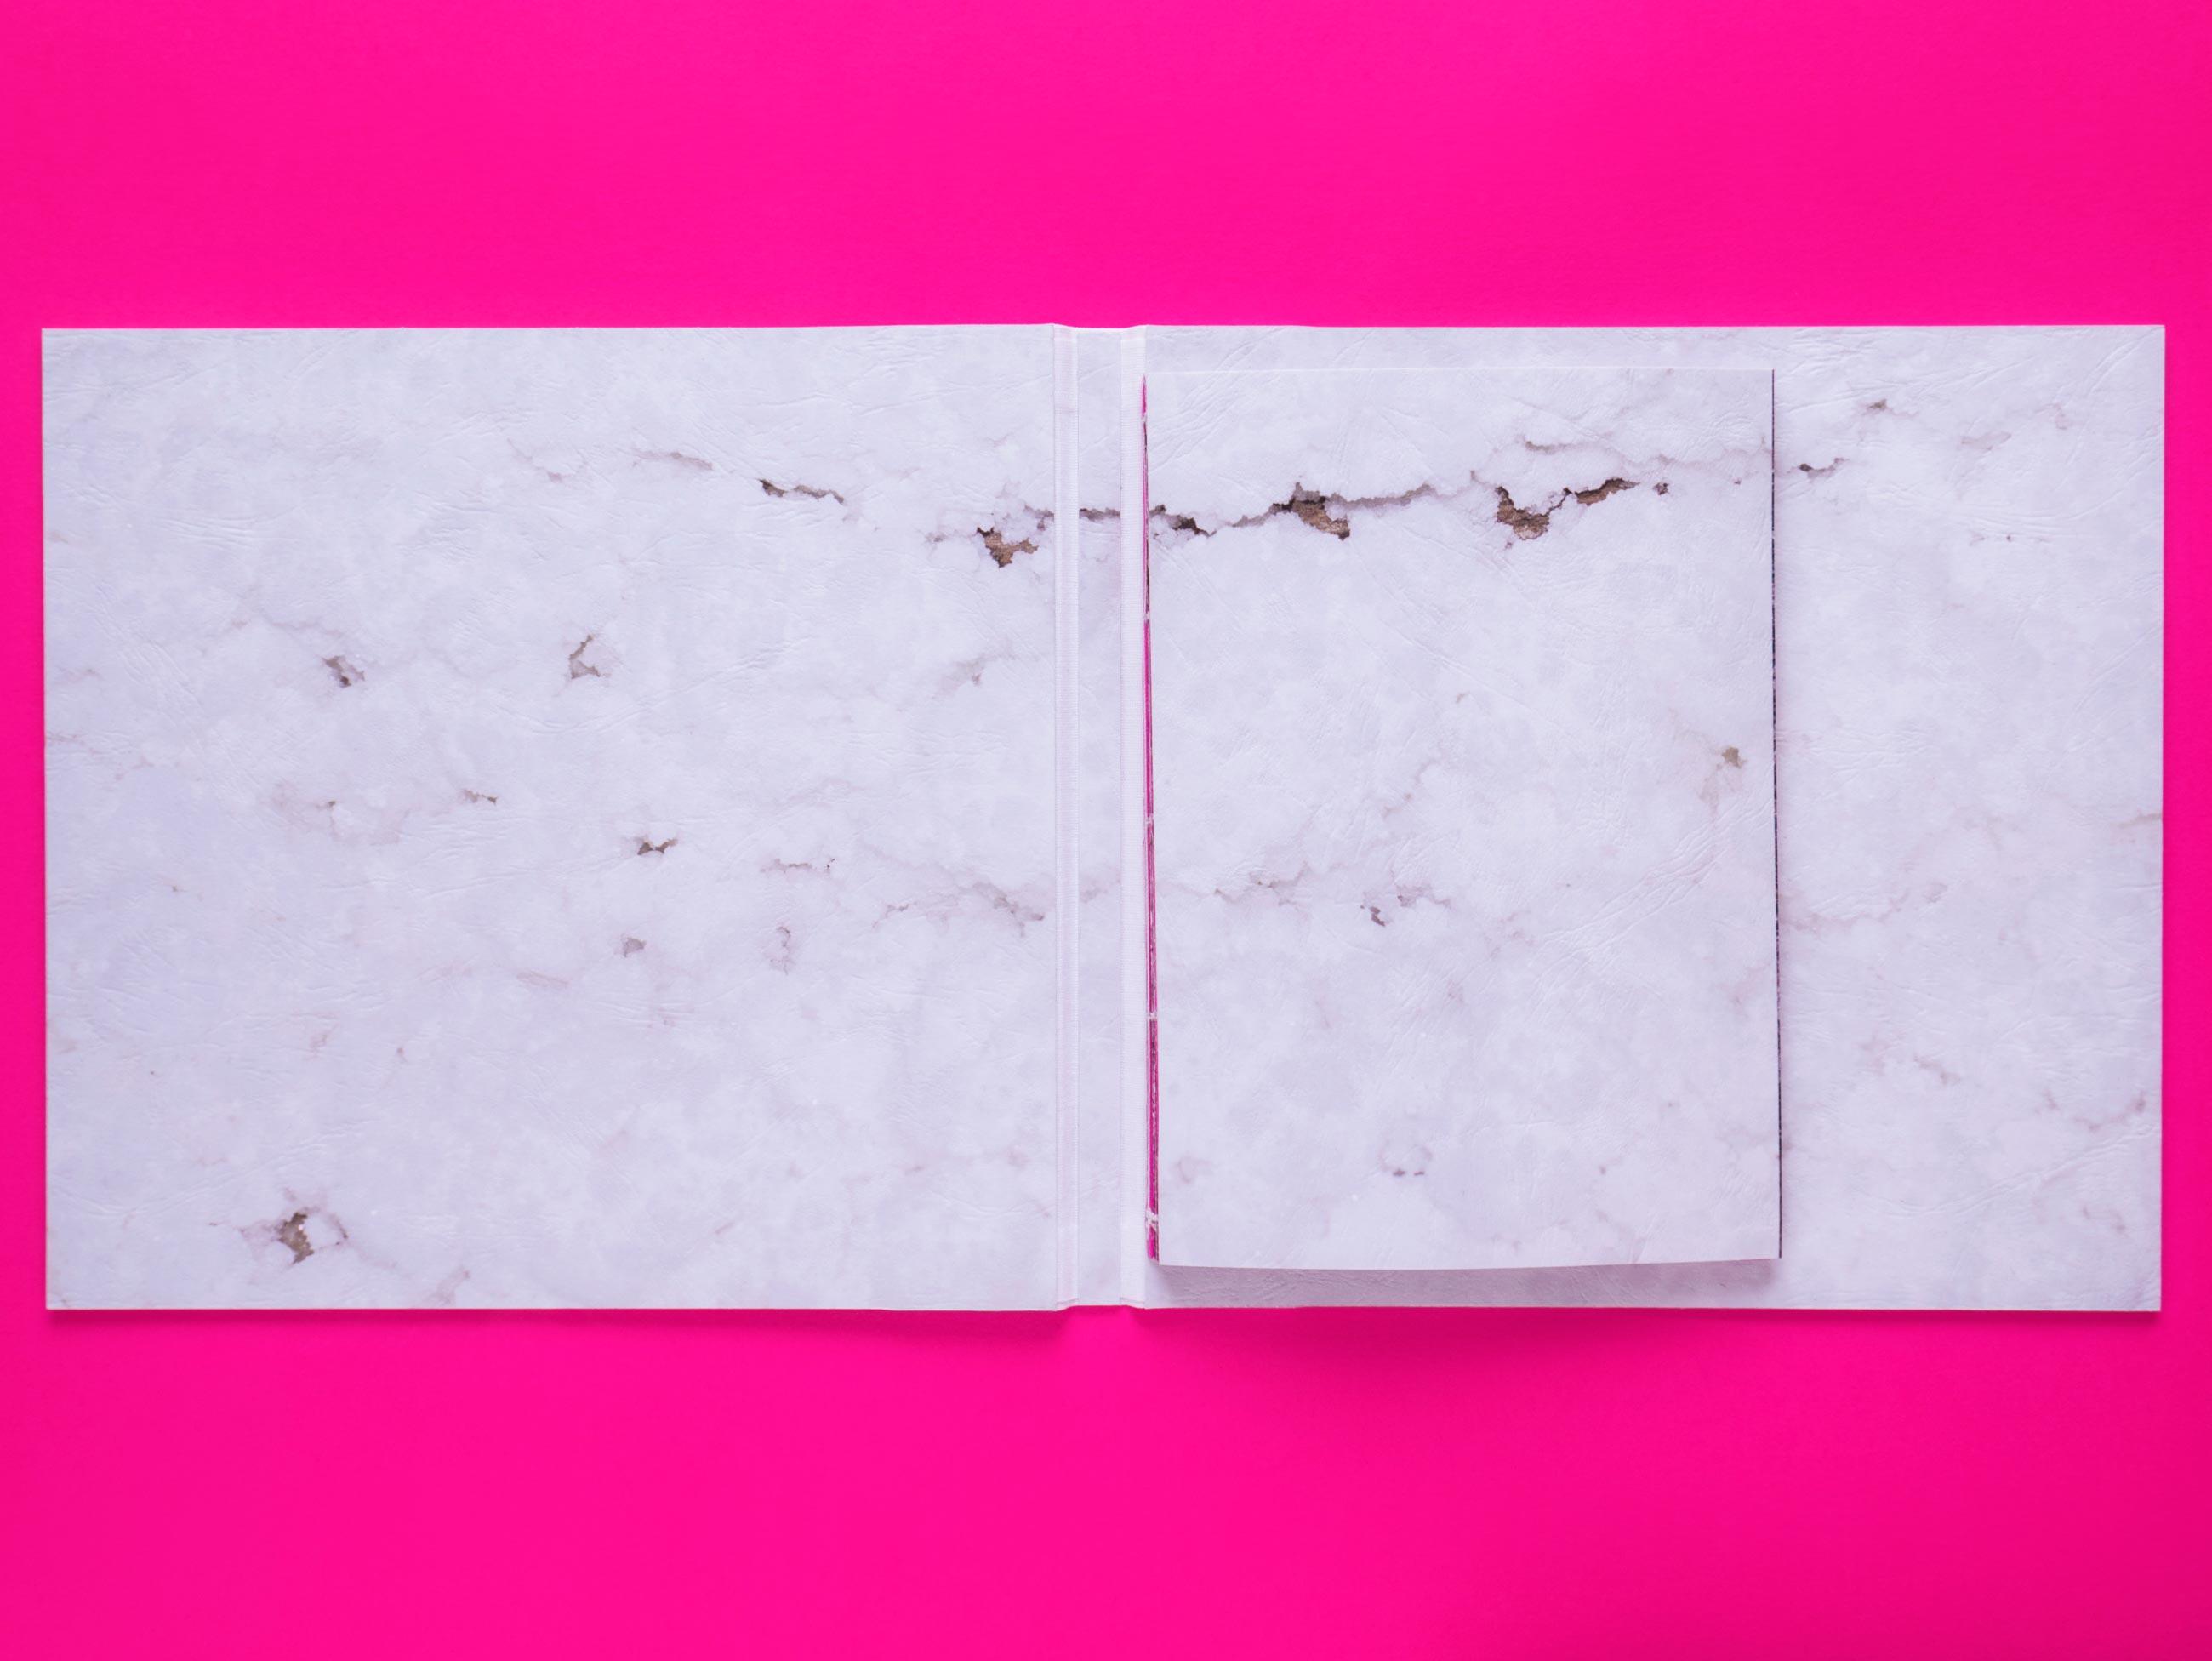 an book 01 - <b>Хочеш лизнути соляну шахту?</b> Анастасія Некипіла — у «Рівні цензури» - Заборона